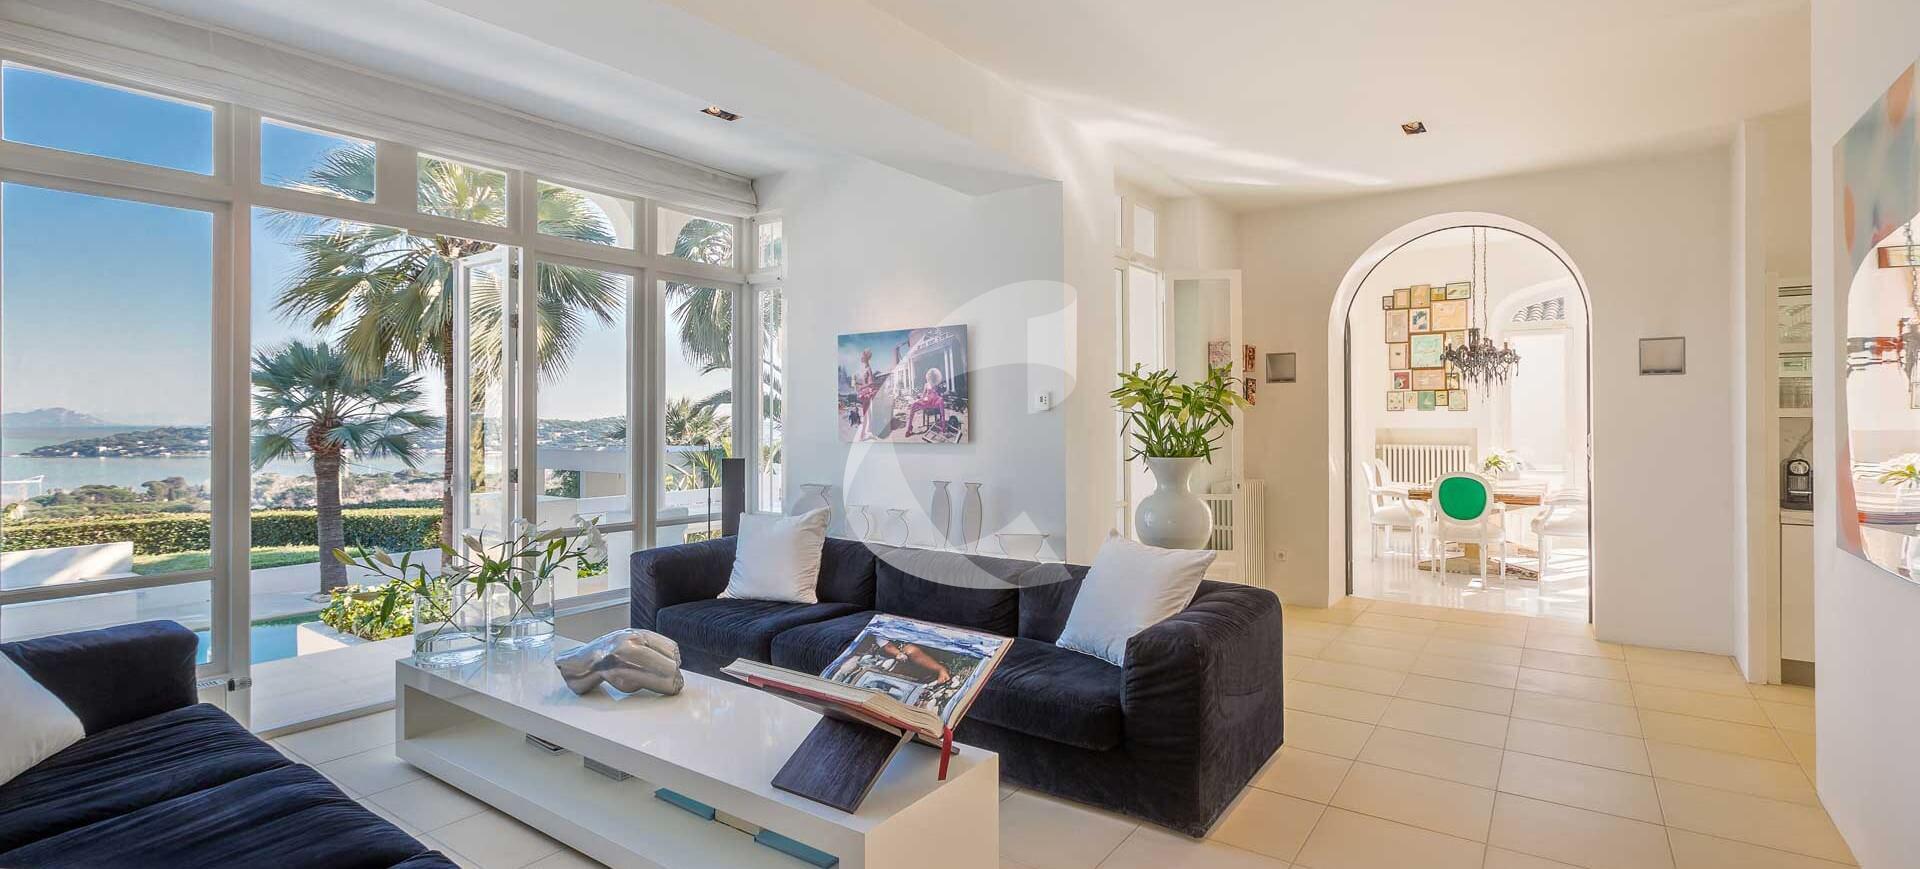 Villa rental Saint-Tropez La Ciel Bleu